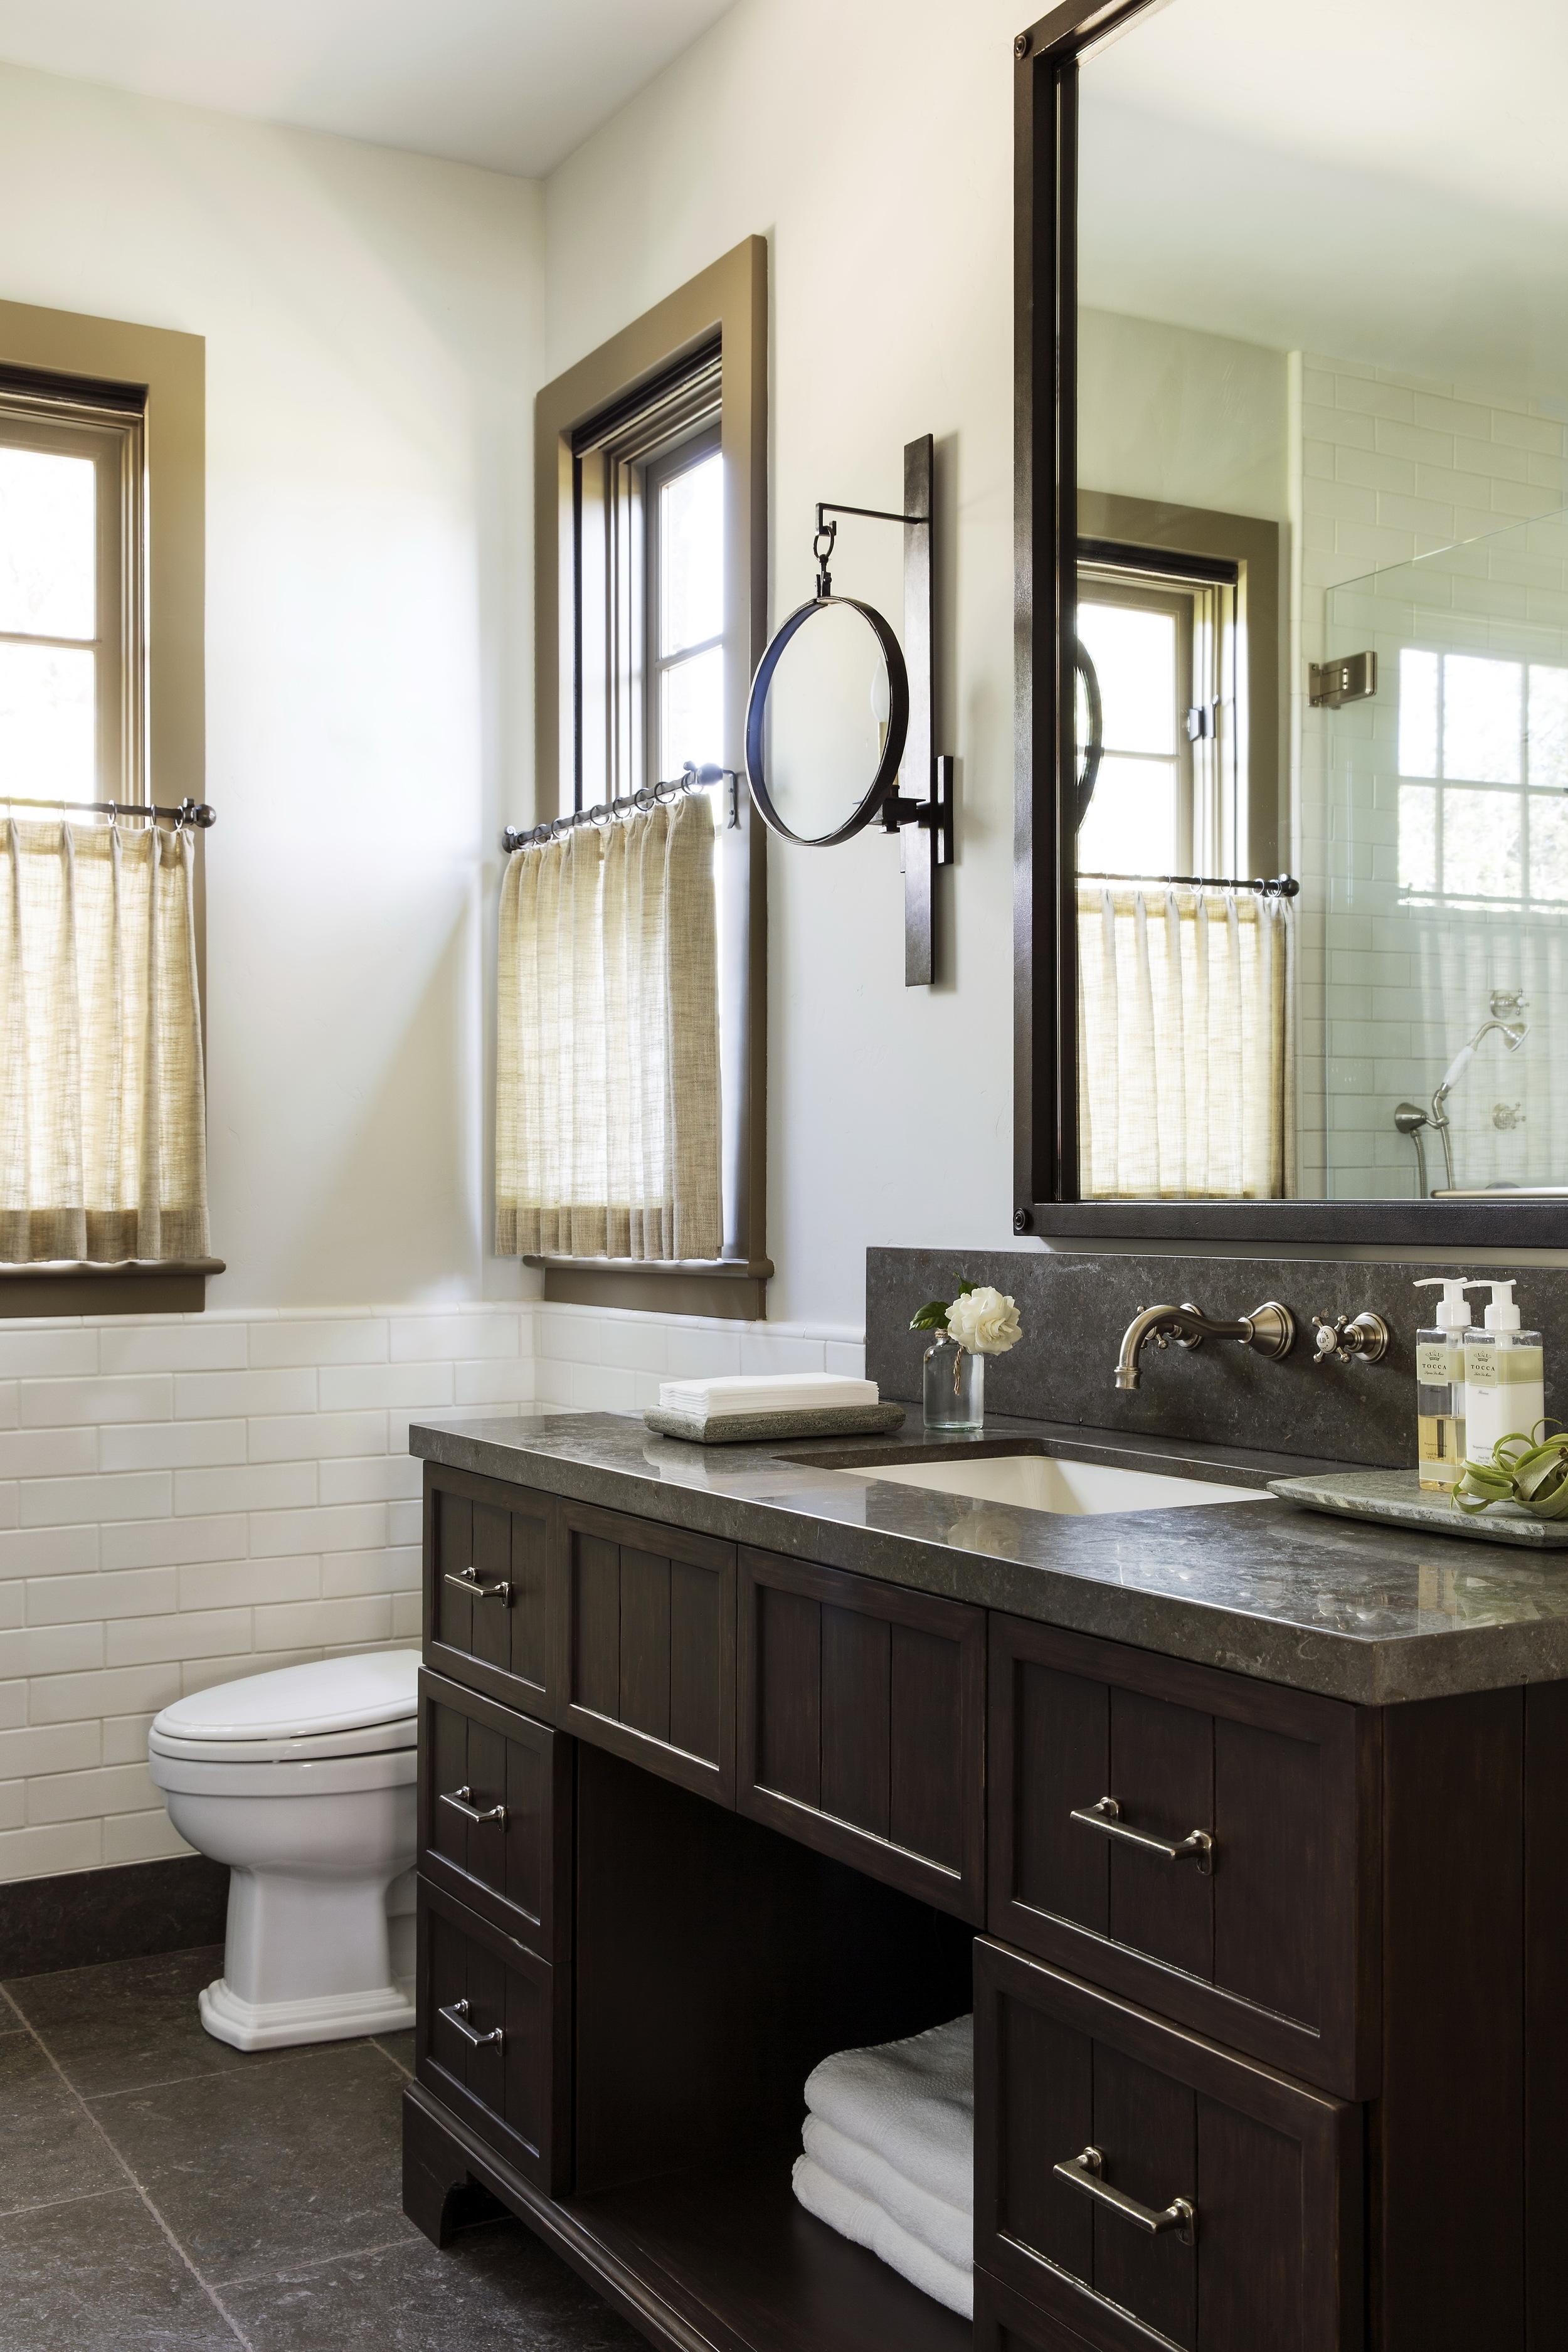 13 Brentwood Pennsylvania Stone Farm House Guest Bathroom.jpg